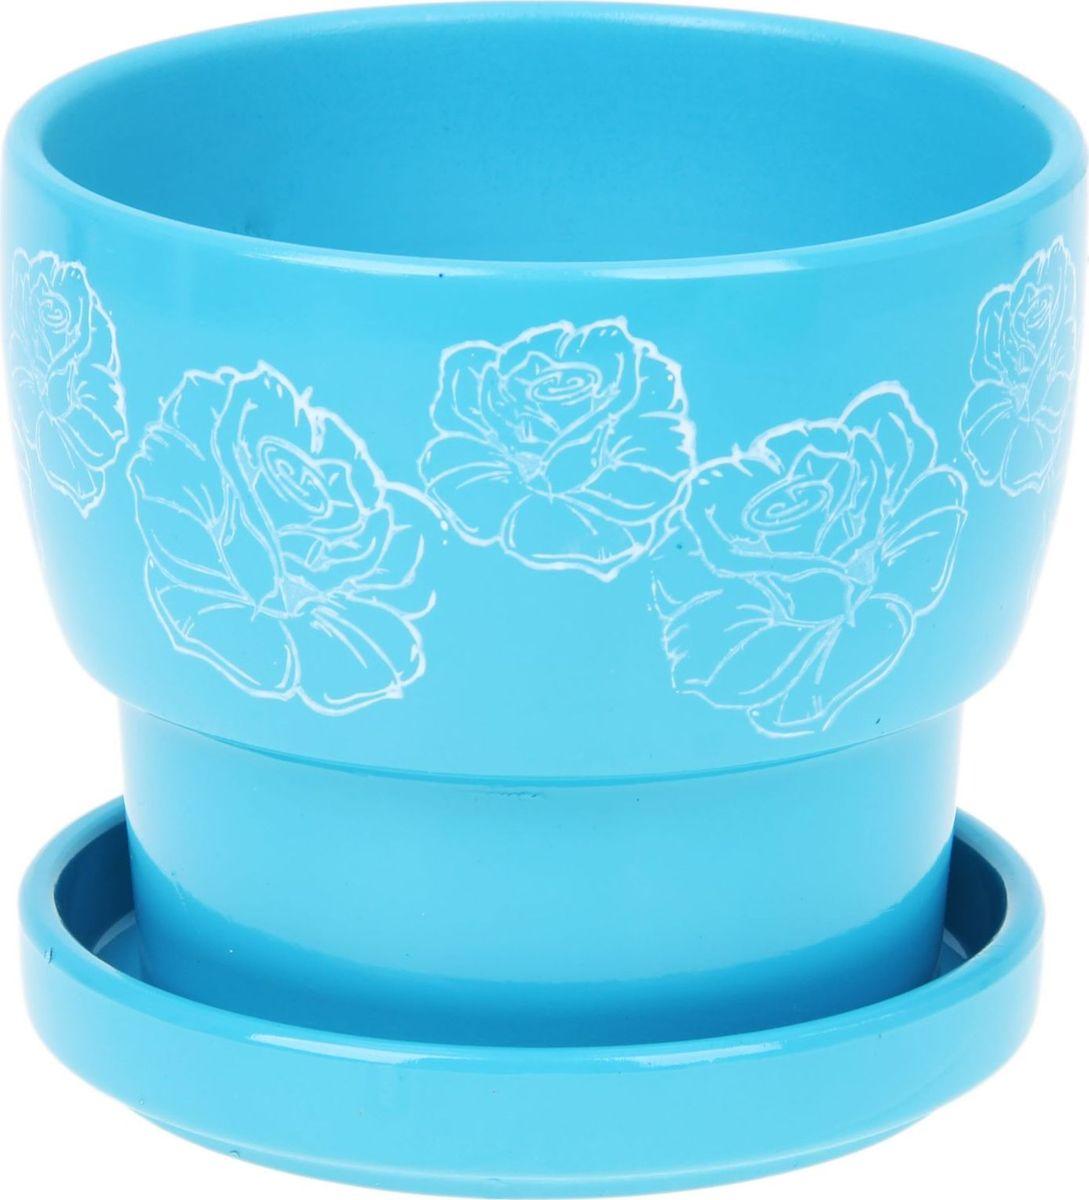 Кашпо Белые розы, цвет: голубой, 0,72 л1056032Комнатные растения — всеобщие любимцы. Они радуют глаз, насыщают помещение кислородом и украшают пространство. Каждому из них необходим свой удобный и красивый дом. Кашпо из керамики прекрасно подходят для высадки растений: за счёт пластичности глины и разных способов обработки существует великое множество форм и дизайновпористый материал позволяет испаряться лишней влагевоздух, необходимый для дыхания корней, проникает сквозь керамические стенки! #name# позаботится о зелёном питомце, освежит интерьер и подчеркнёт его стиль.